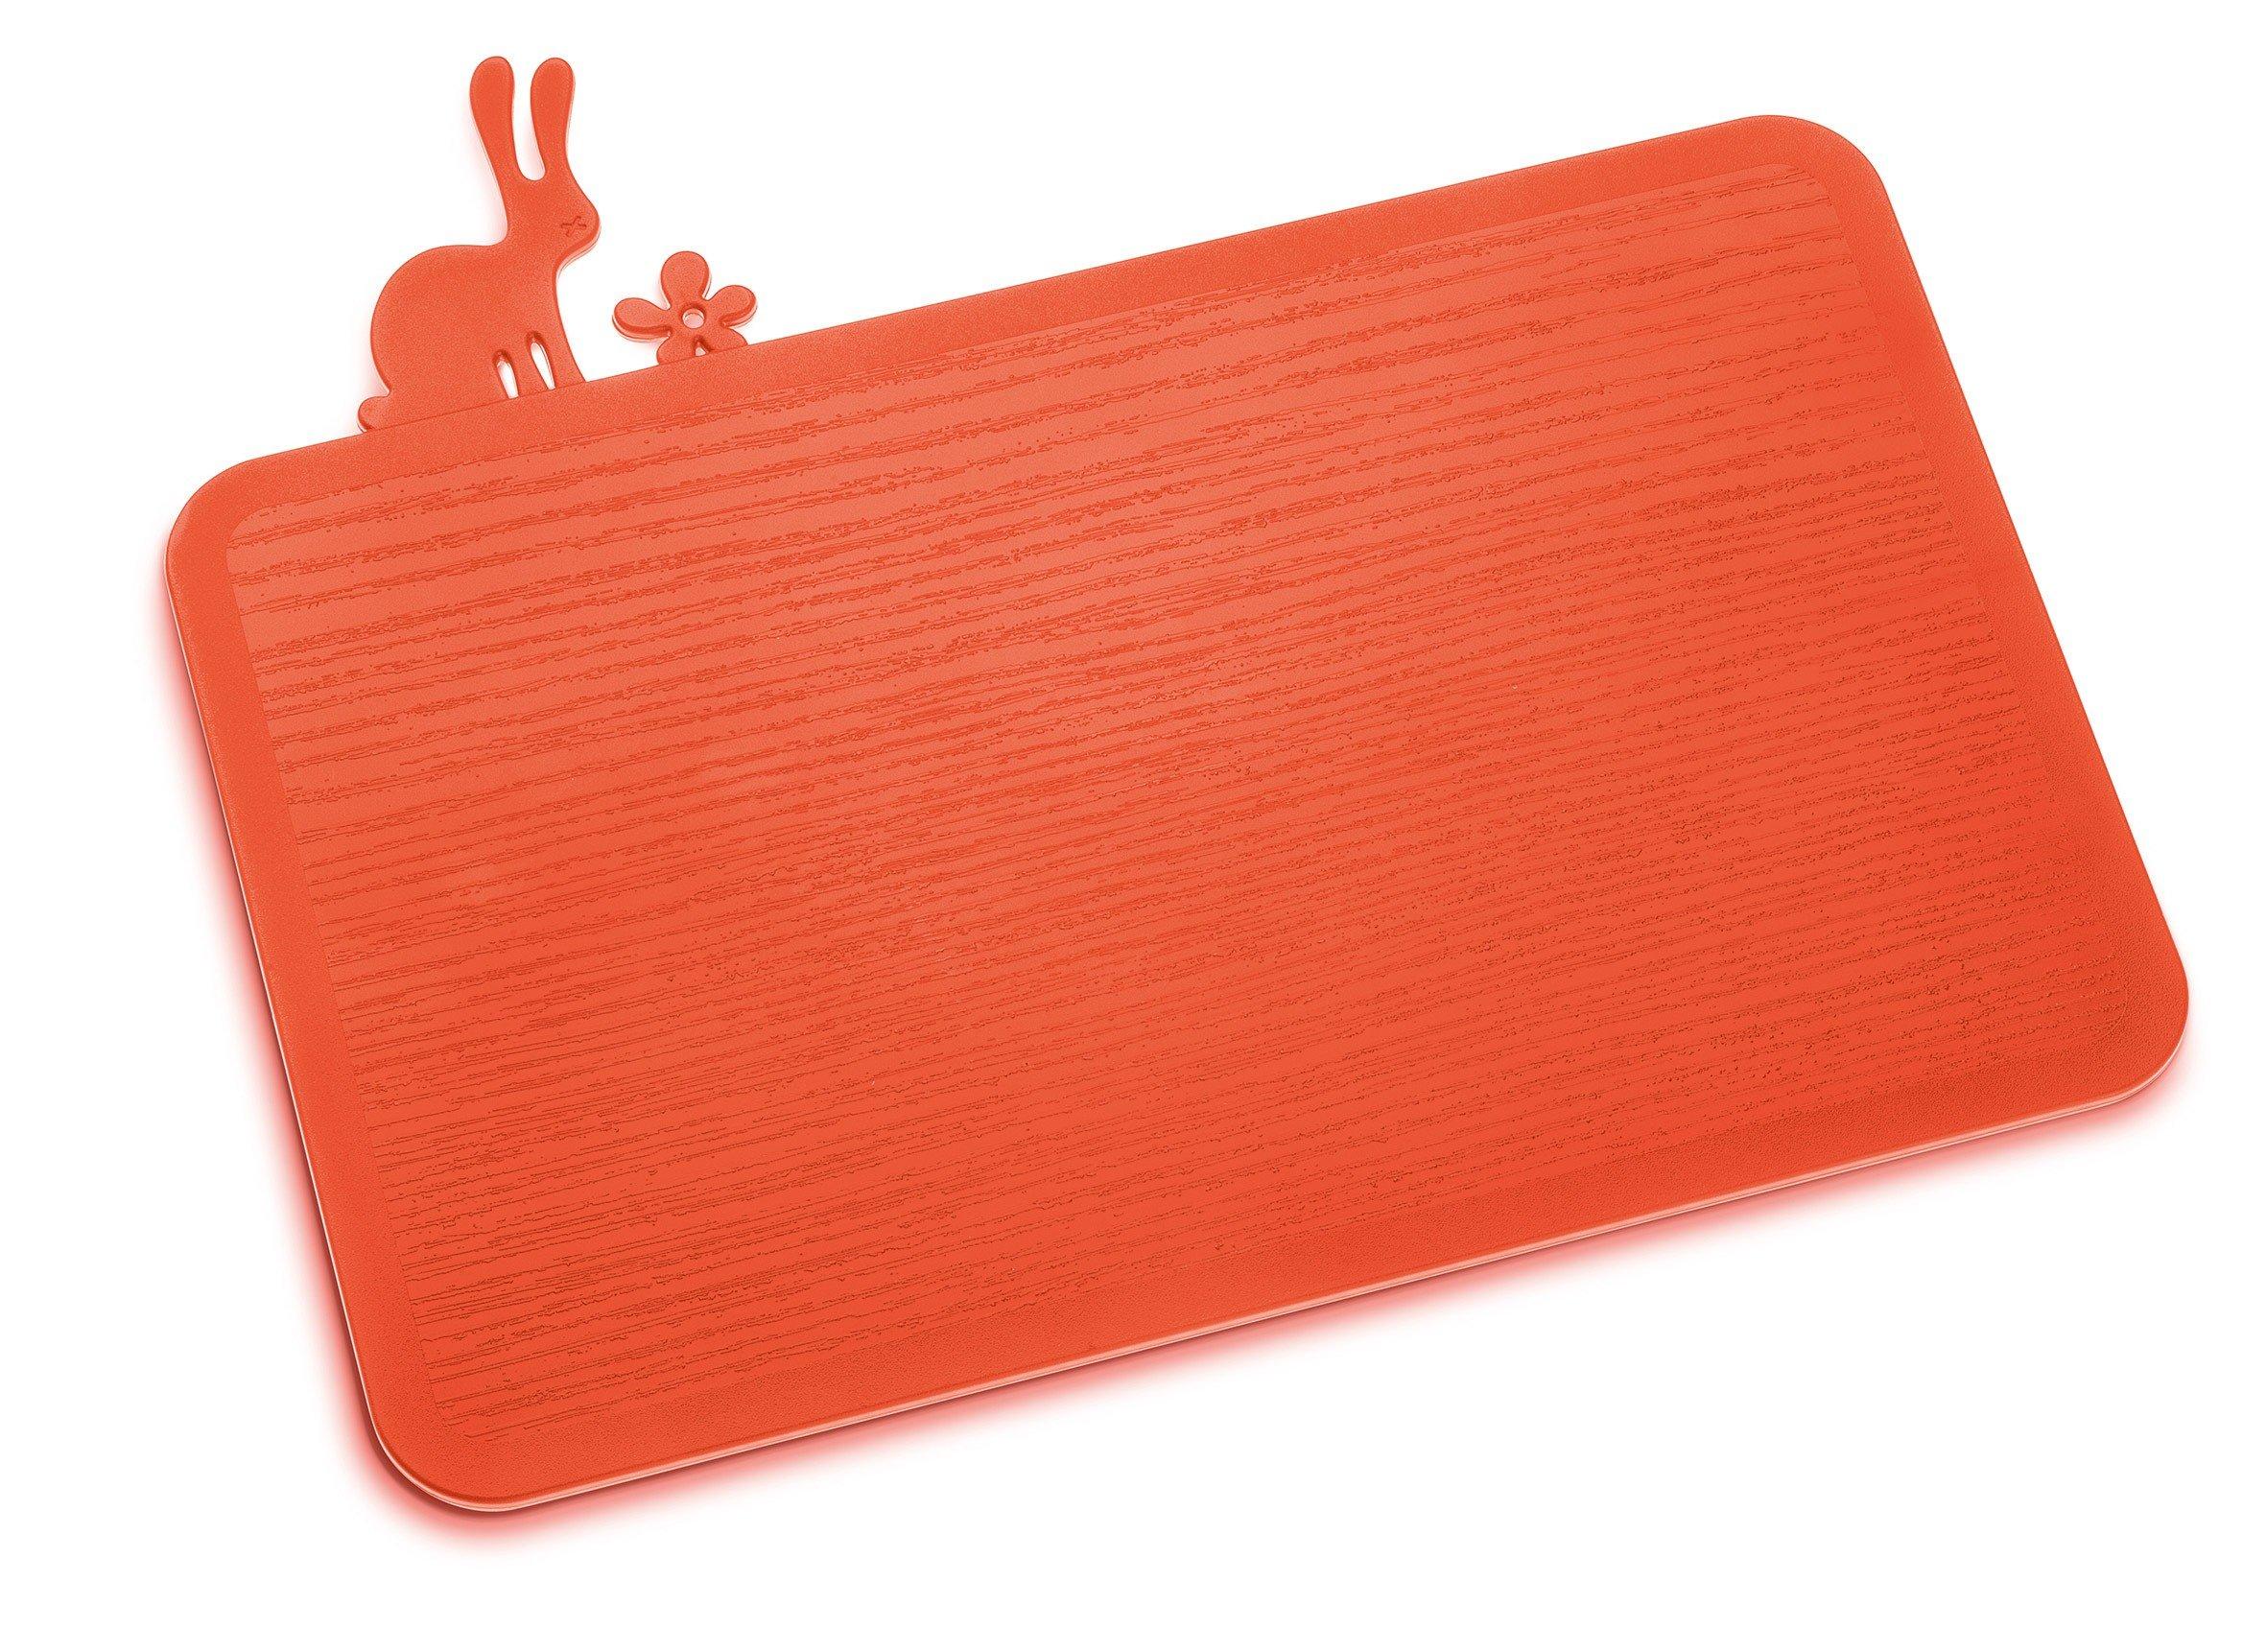 Deska do krojenia Hazel pomarańczowoczerwona